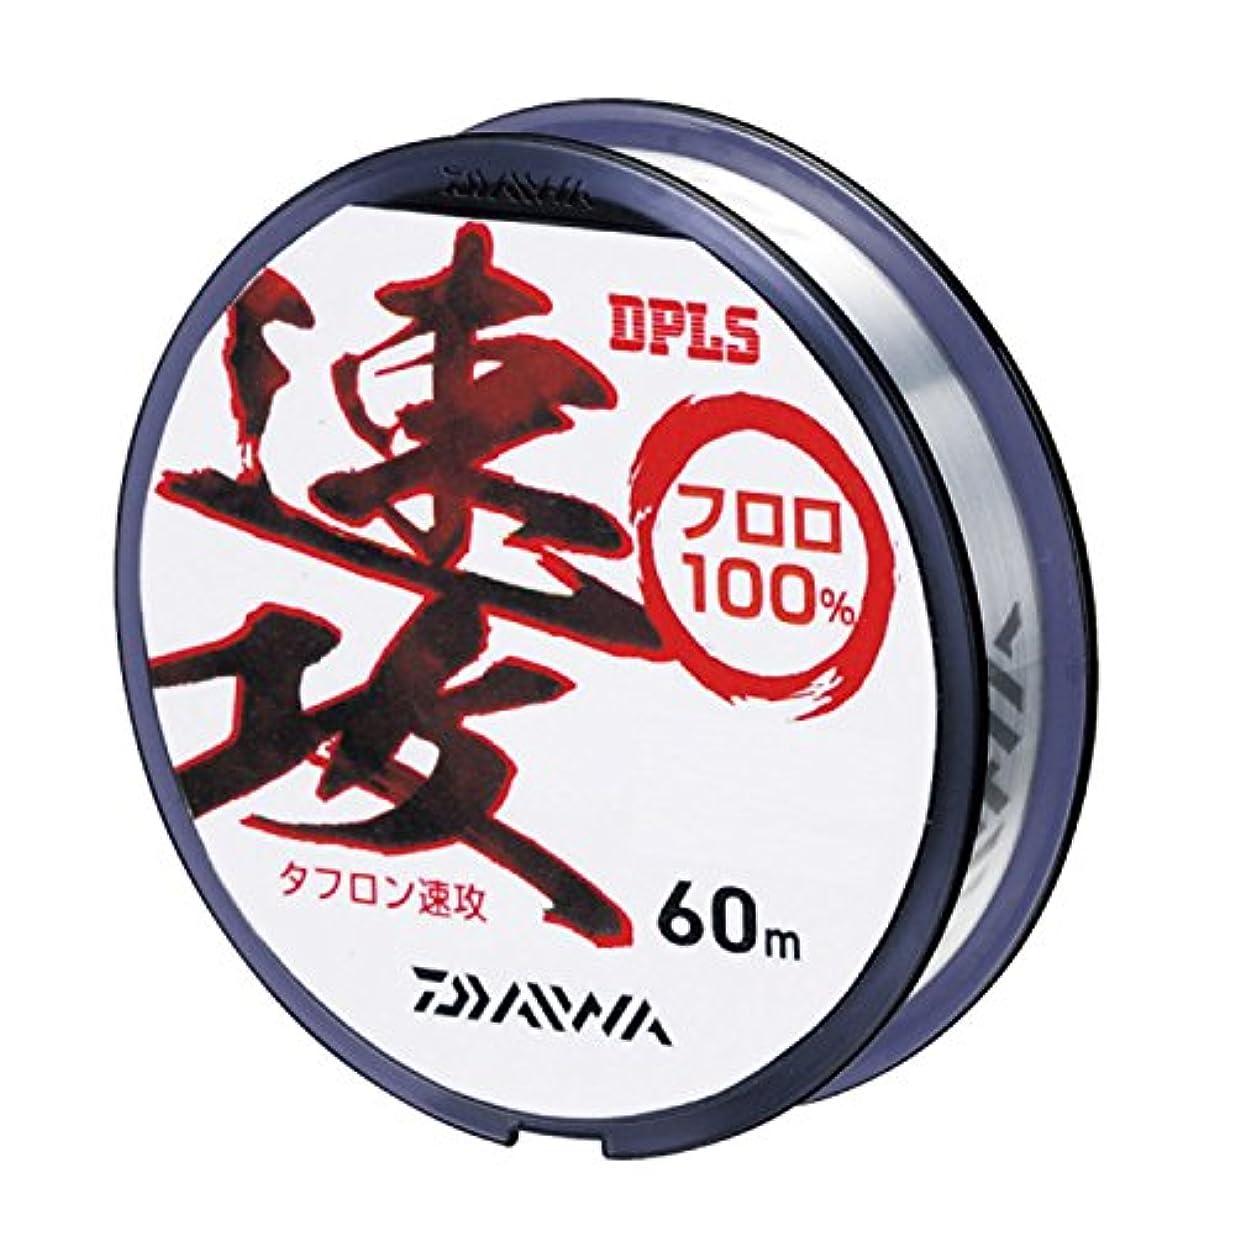 受け皿耐えられる主権者ダイワ(Daiwa) ハリス タフロン速攻 フロロカーボン 60m 0.4号 ナチュラル